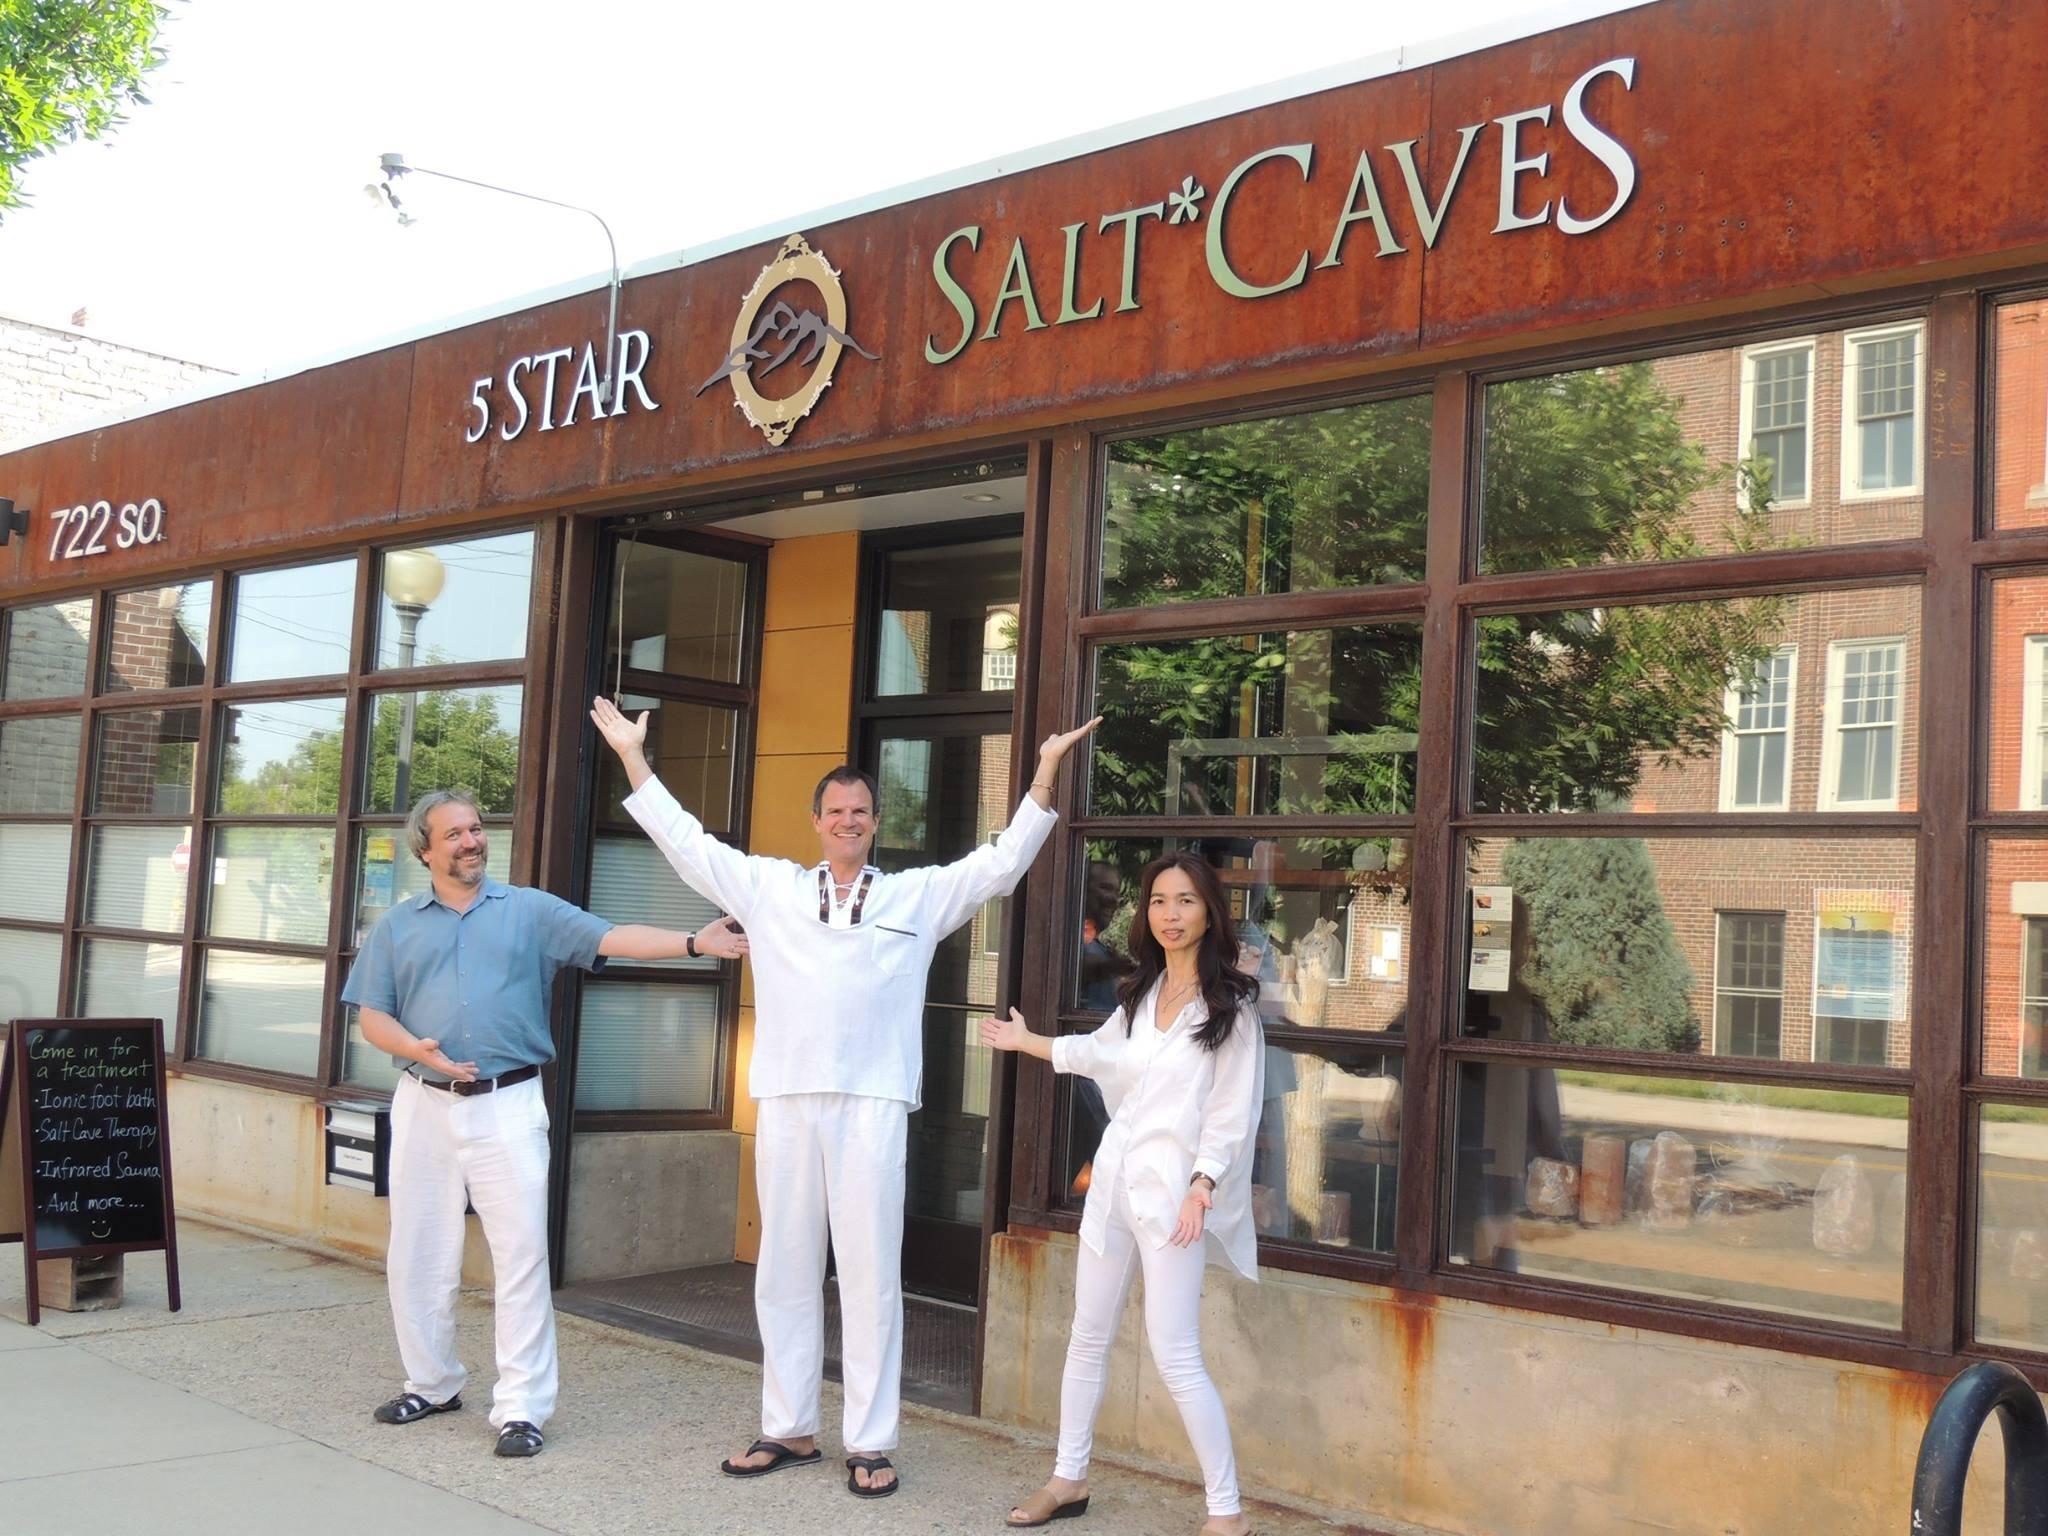 5 Star Salt Caves Wellness Center